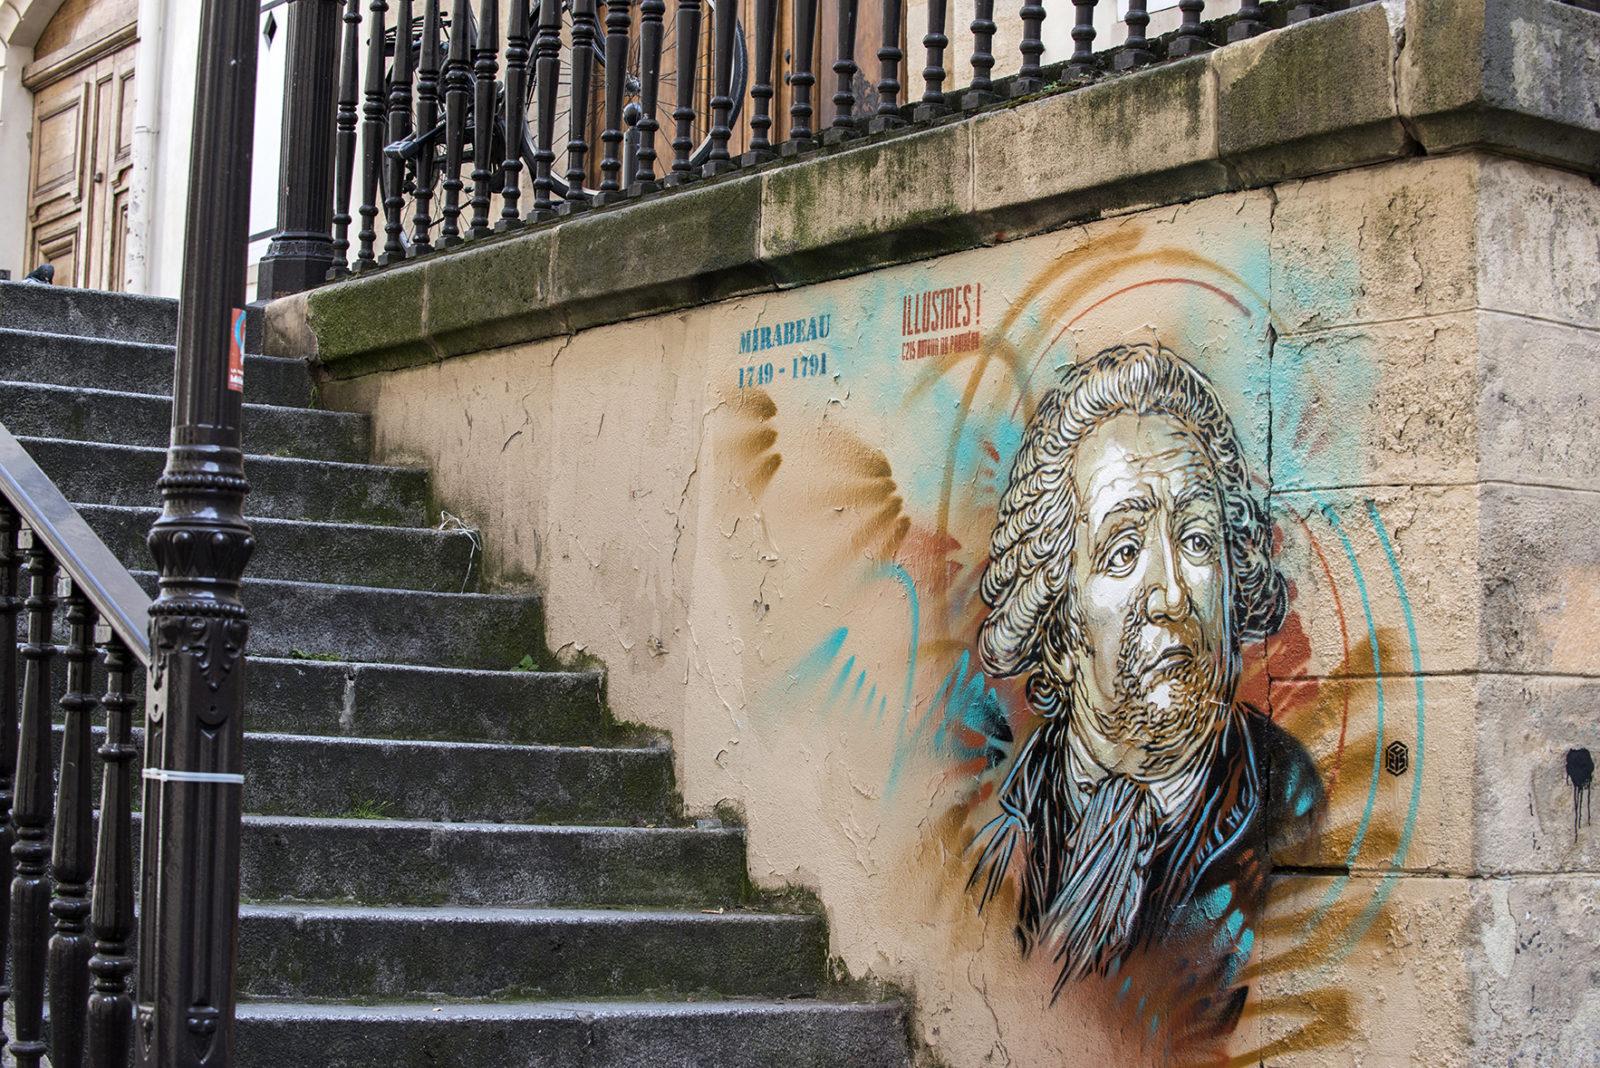 Paris autour du Pantheon Mirabeau - C215 - Didier Plowy